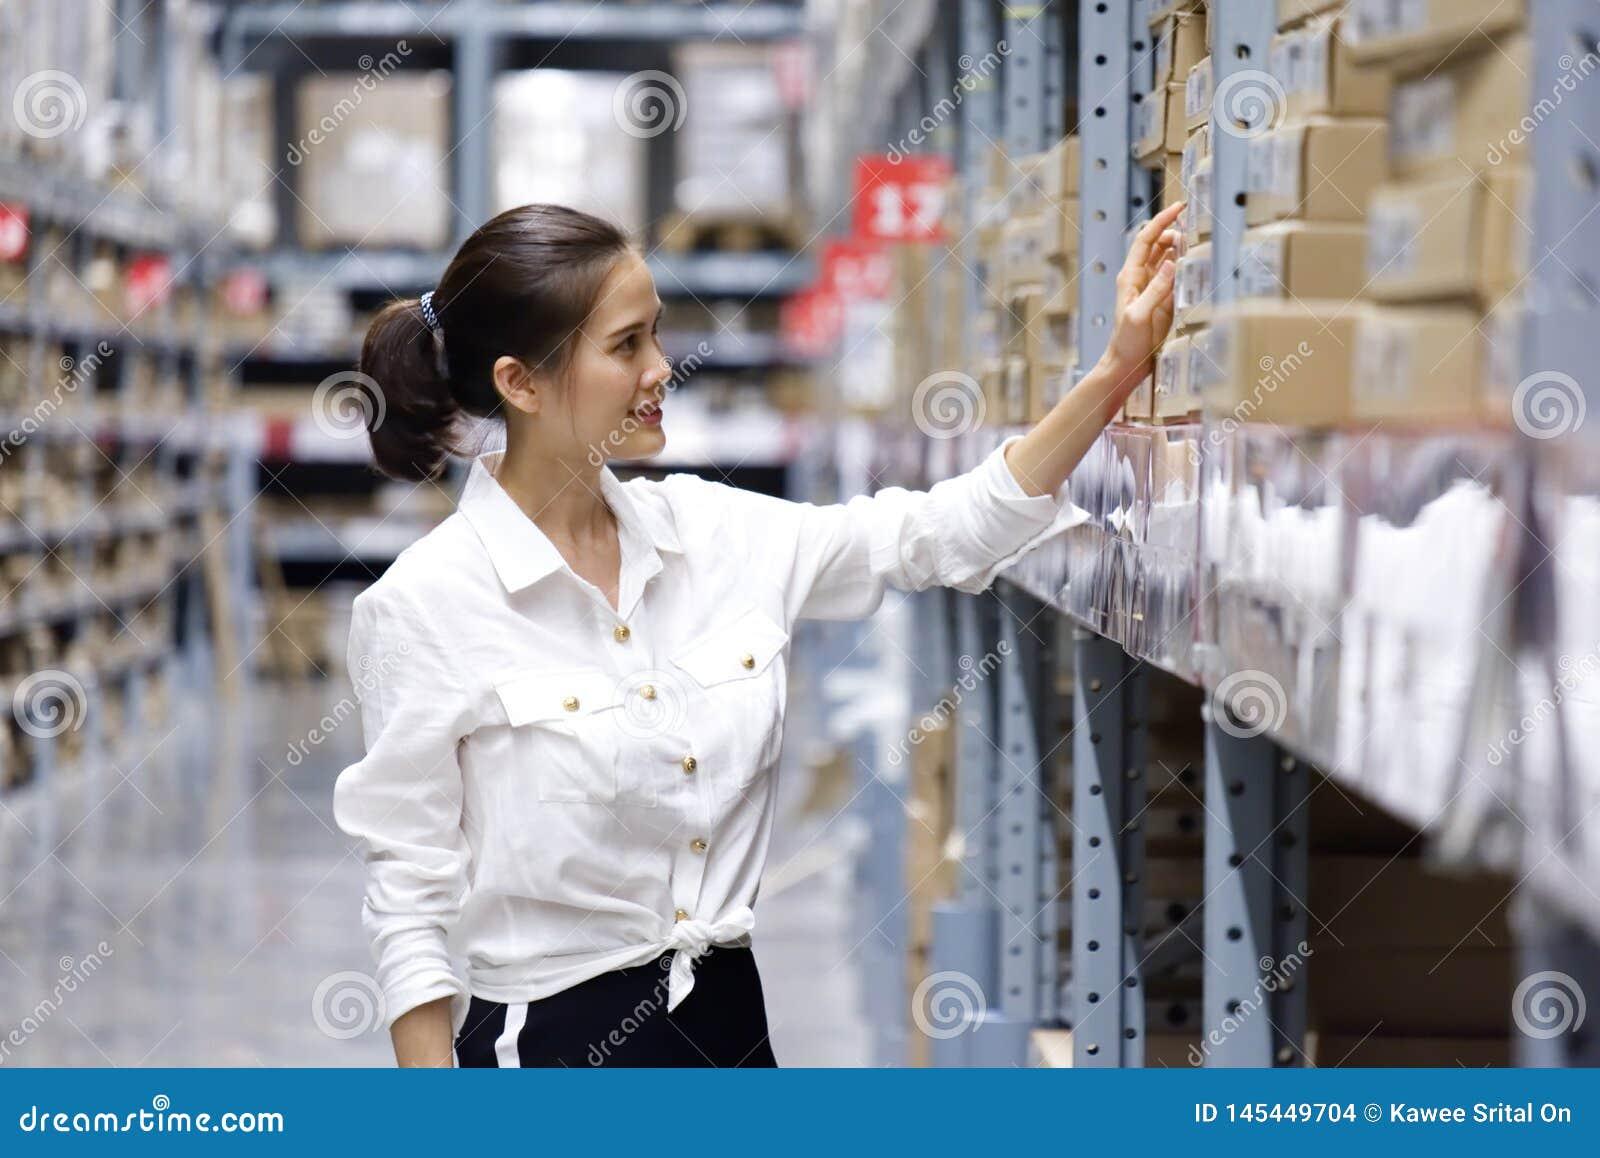 Ασιατικός όμορφος πελάτης που ψάχνει τα προϊόντα στην αποθήκη εμπορευμάτων καταστημάτων Το κορίτσι που χρησιμοποιεί το σημείο χερ